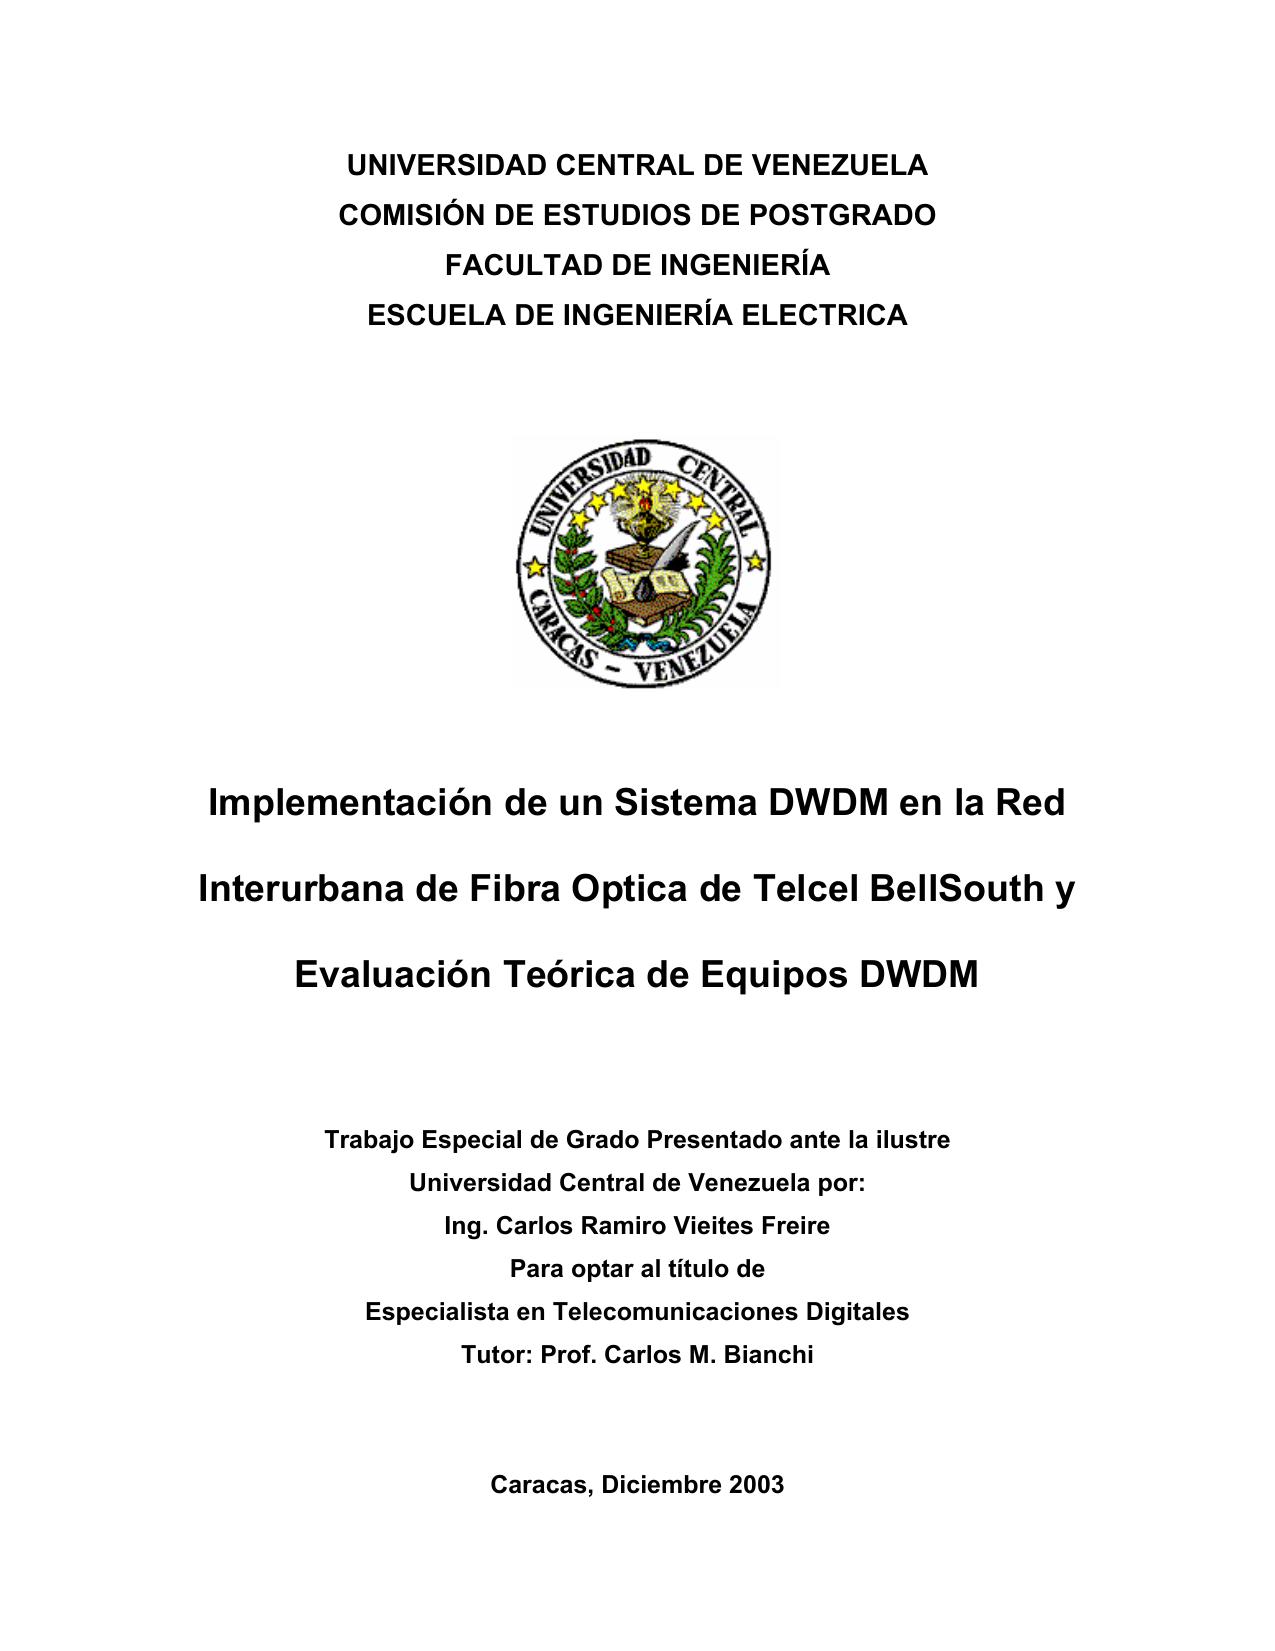 Implementación y Evaluación de un Sistema DWDM | manualzz.com